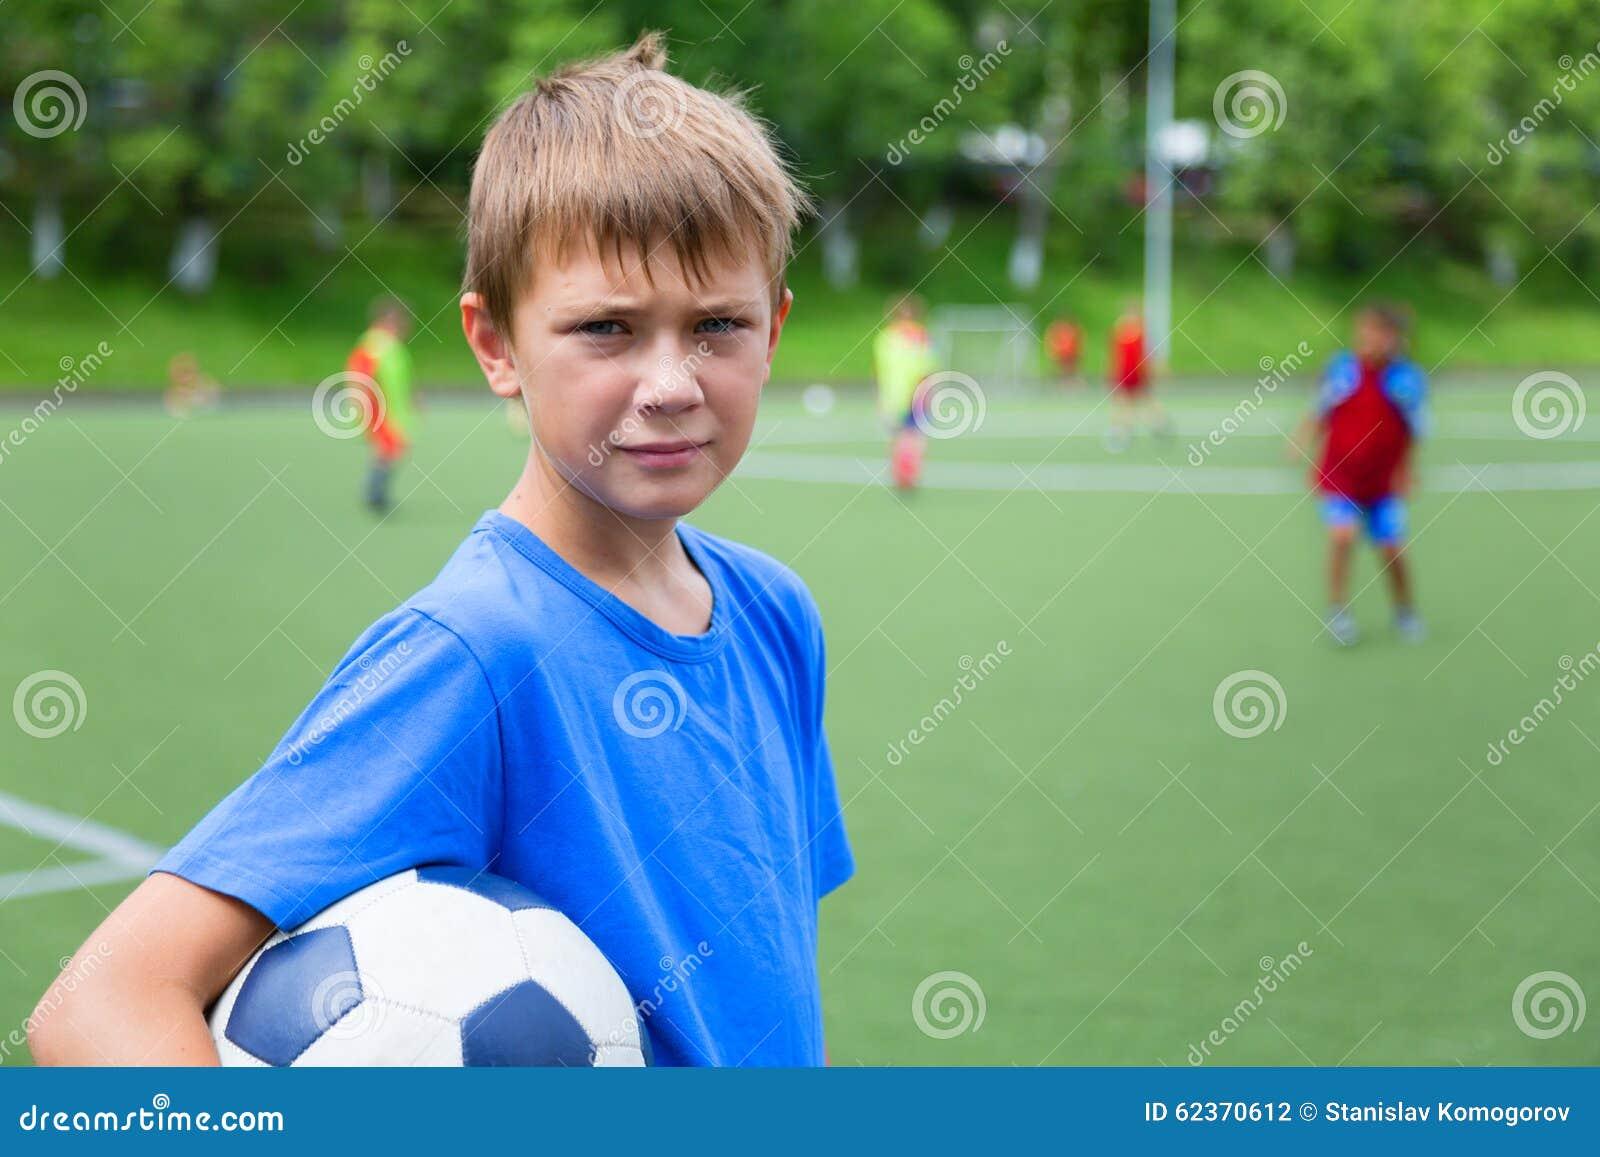 Chłopiec futbolista z piłką w stadium